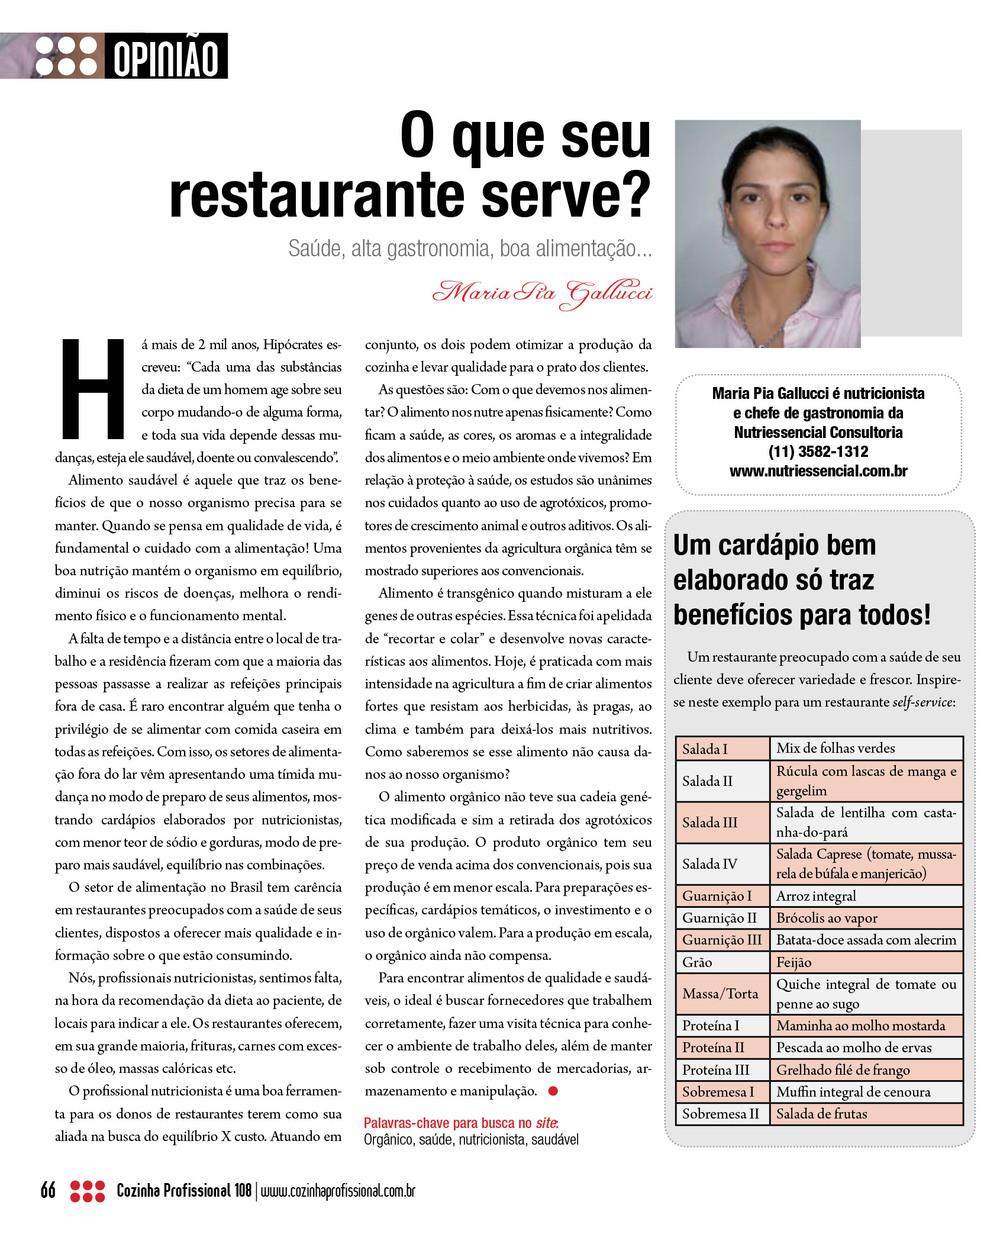 materia-revista-cozinha-profissional-o-que-seu-restaurante-serve-02.jpg